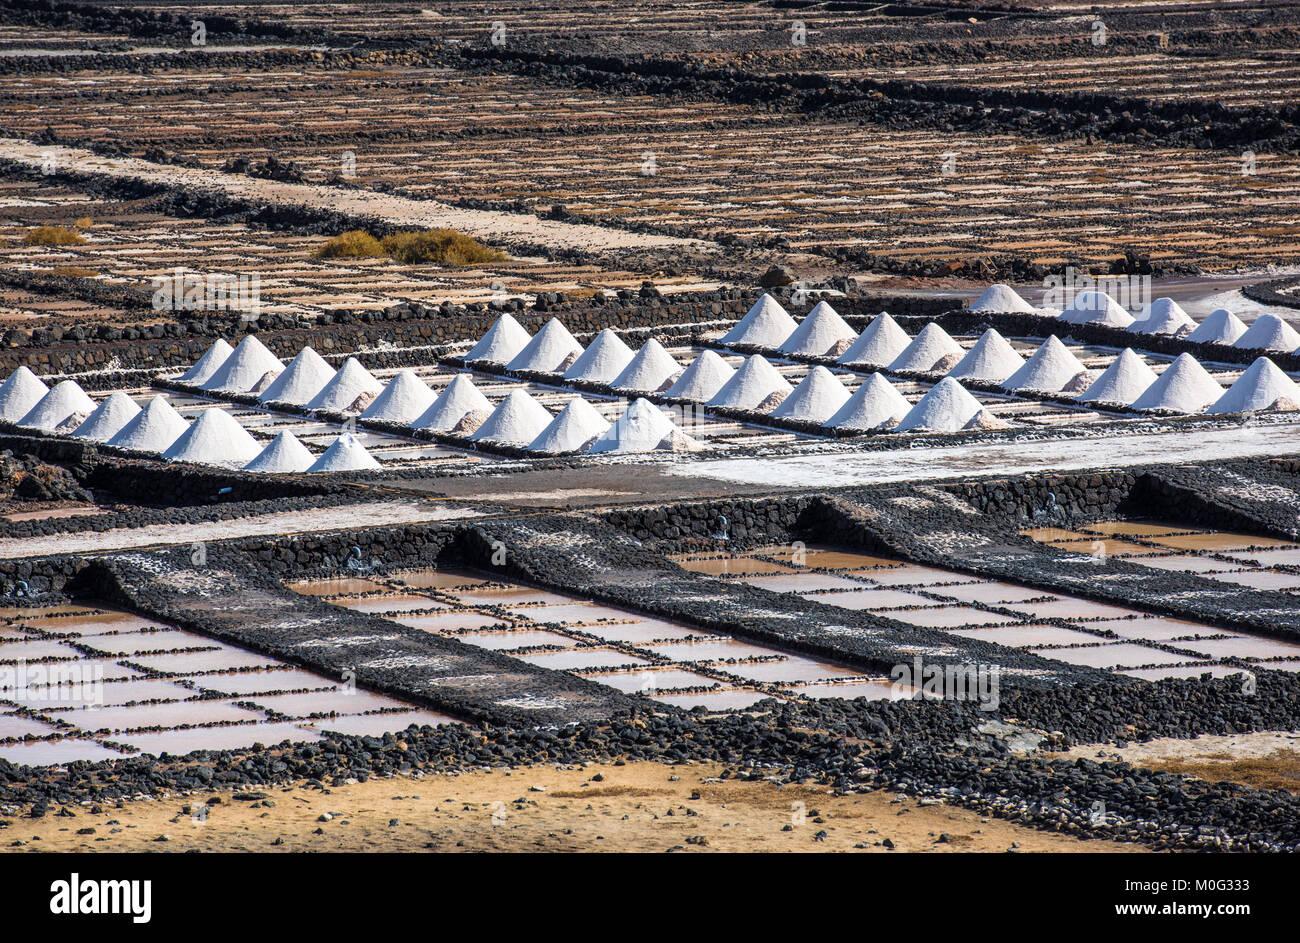 Salinas de Janubio, saltworks in Lanzarote, Canary Islands, Spain Stock Photo